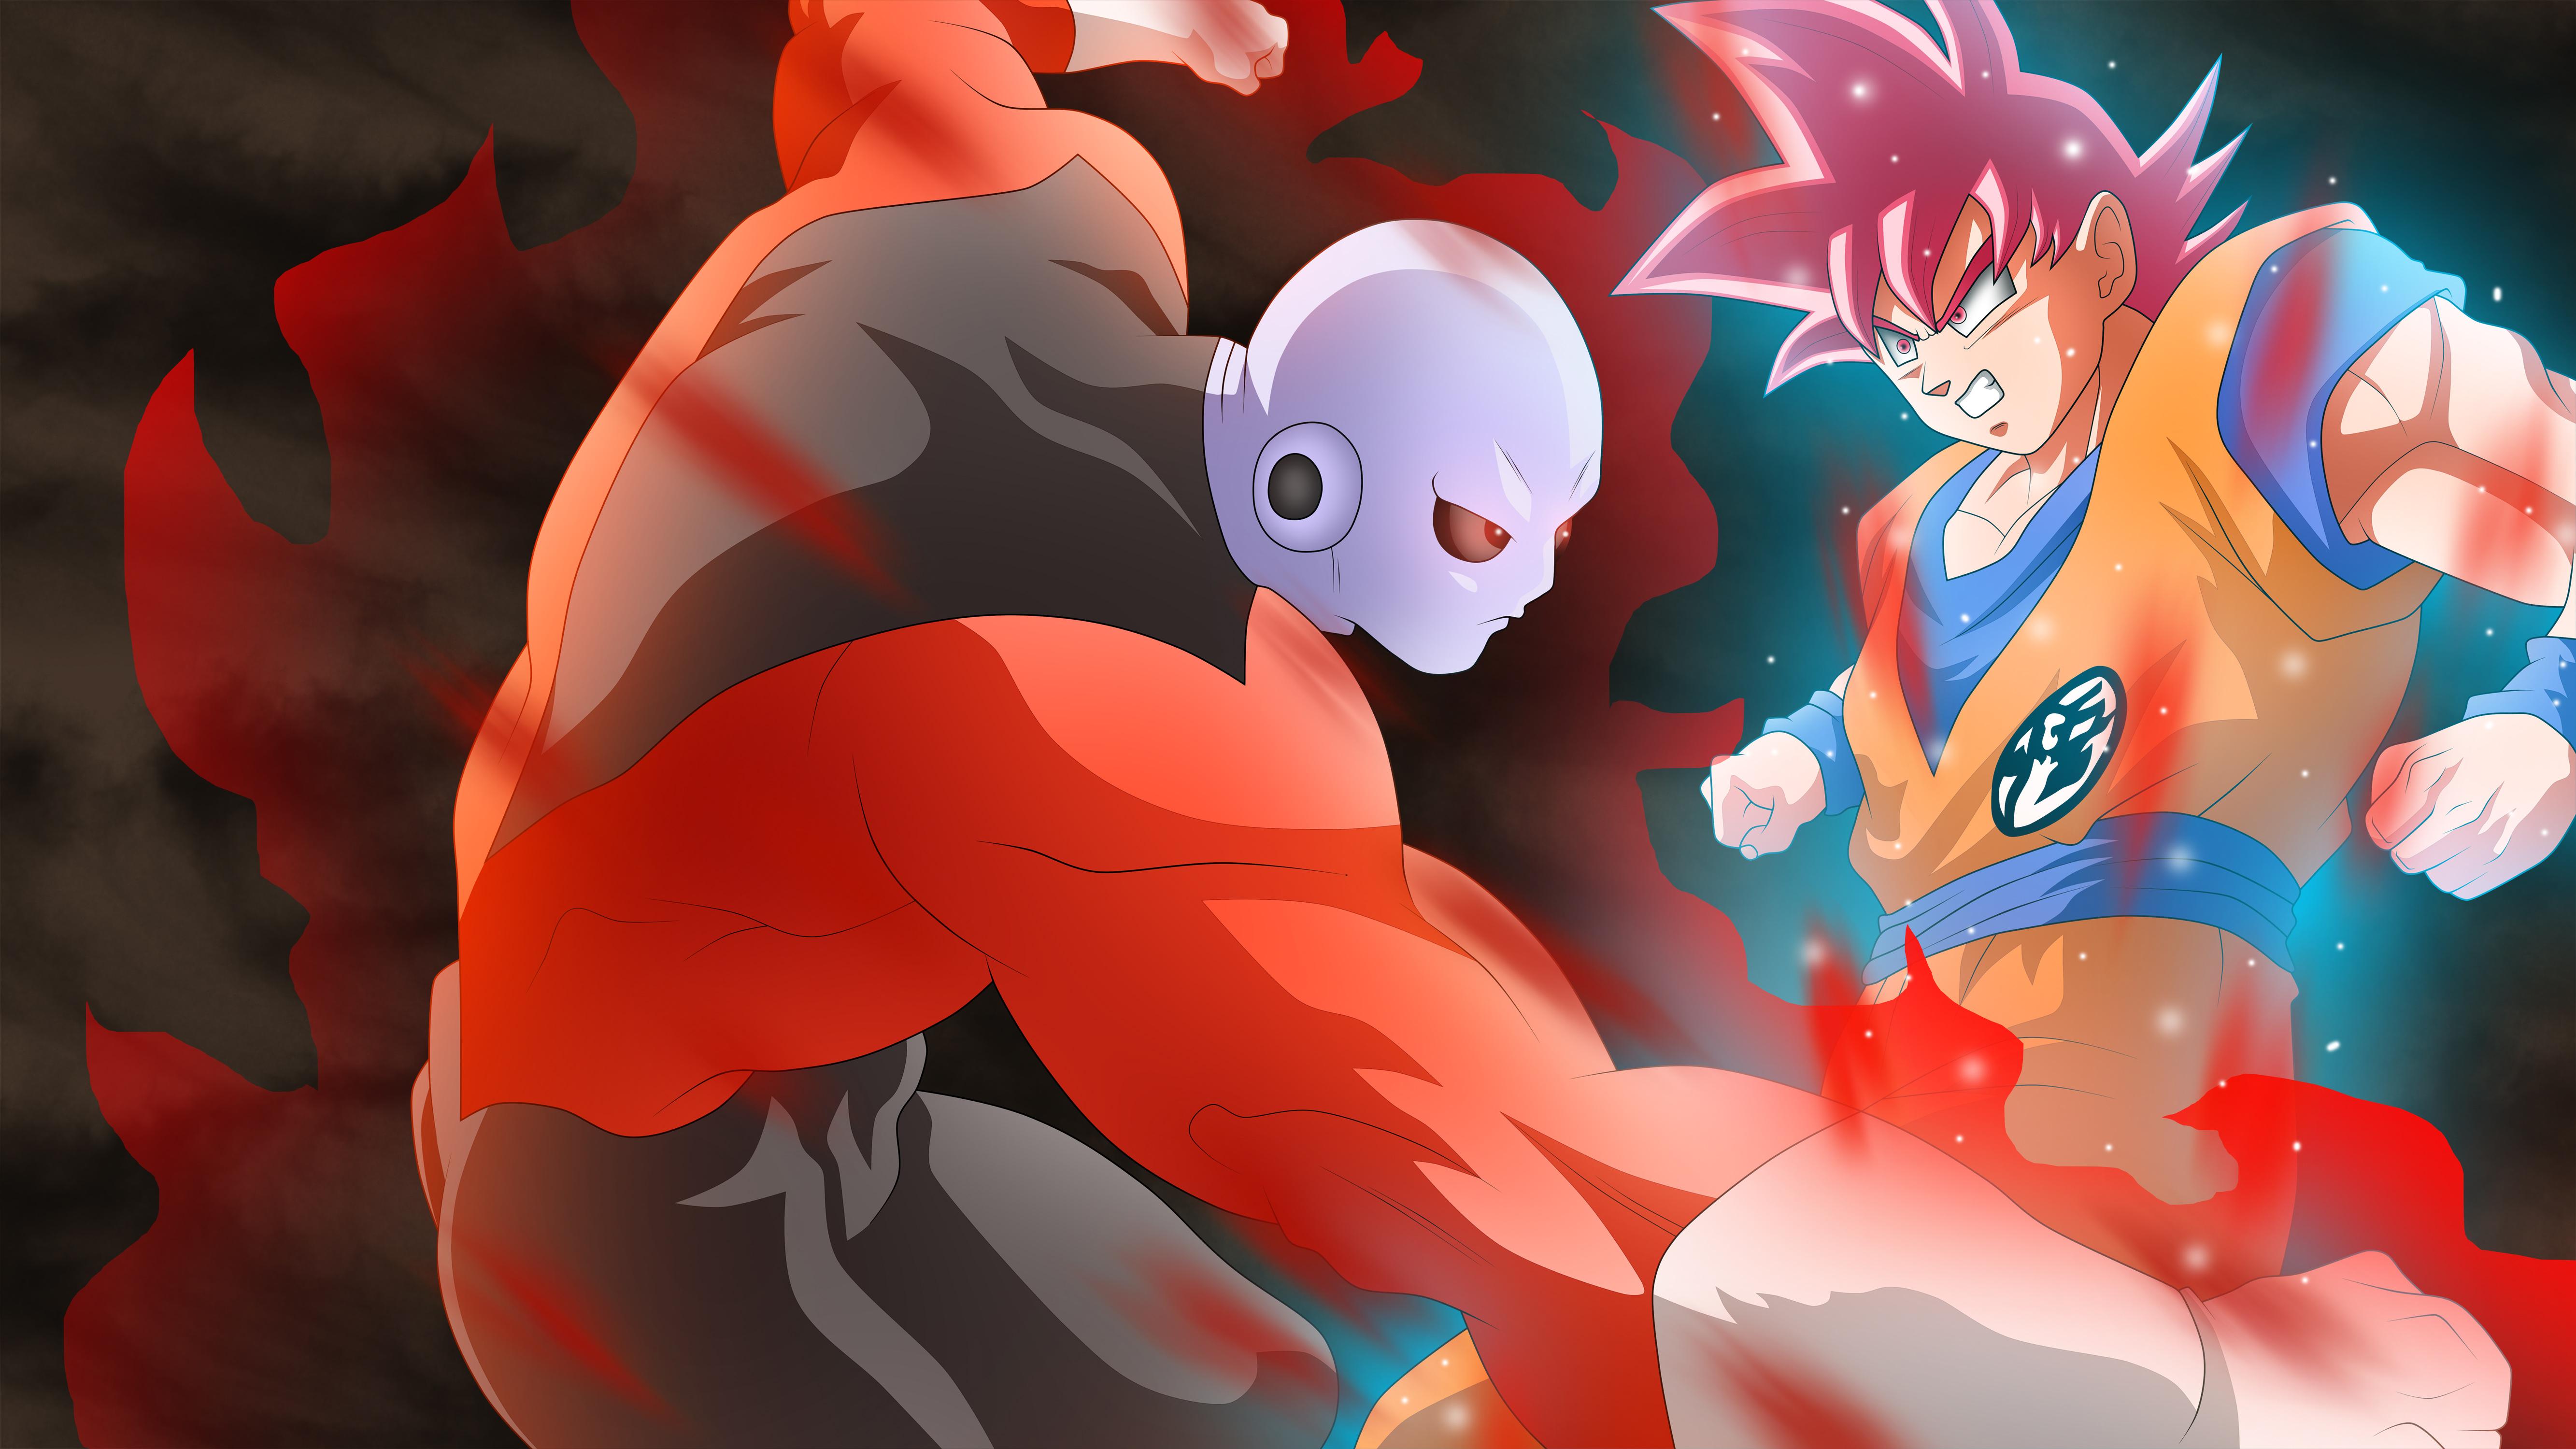 Джирин против гоку дракон мяч супер. обои скачать